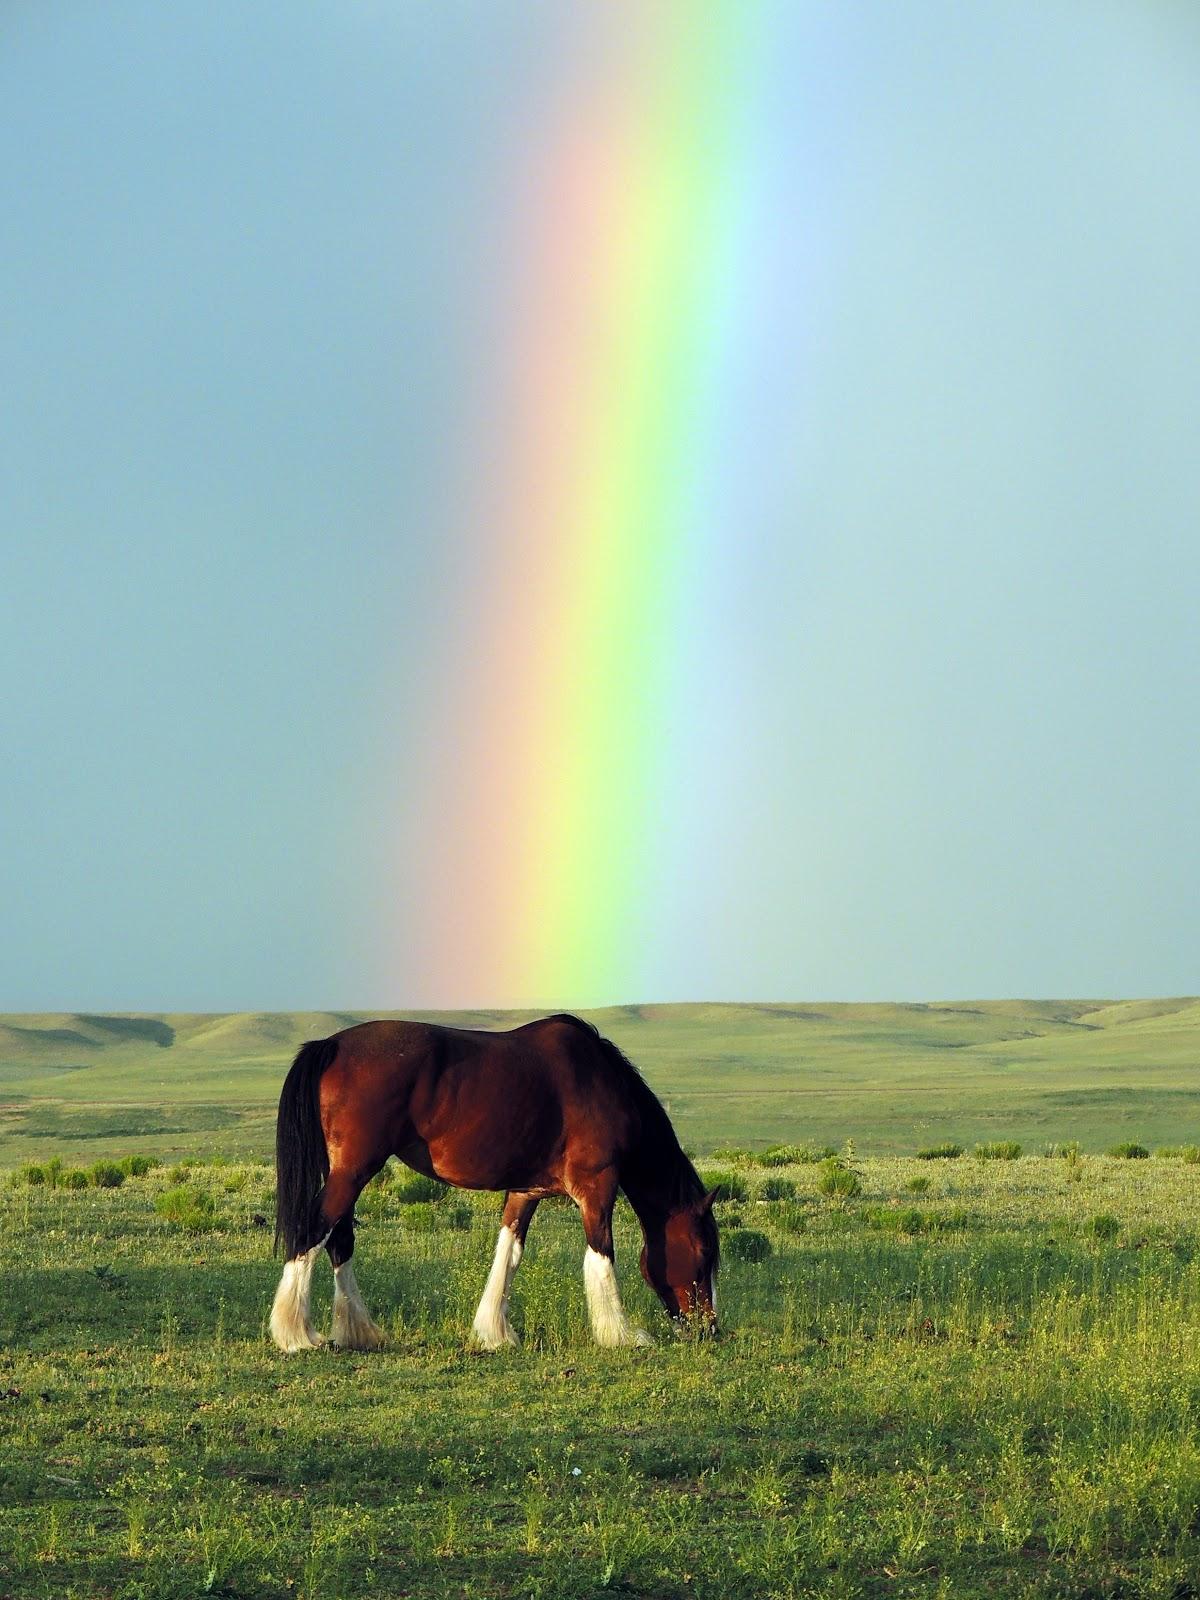 G%2BRainbow Verwunderlich so where Over the Rainbow Dekorationen